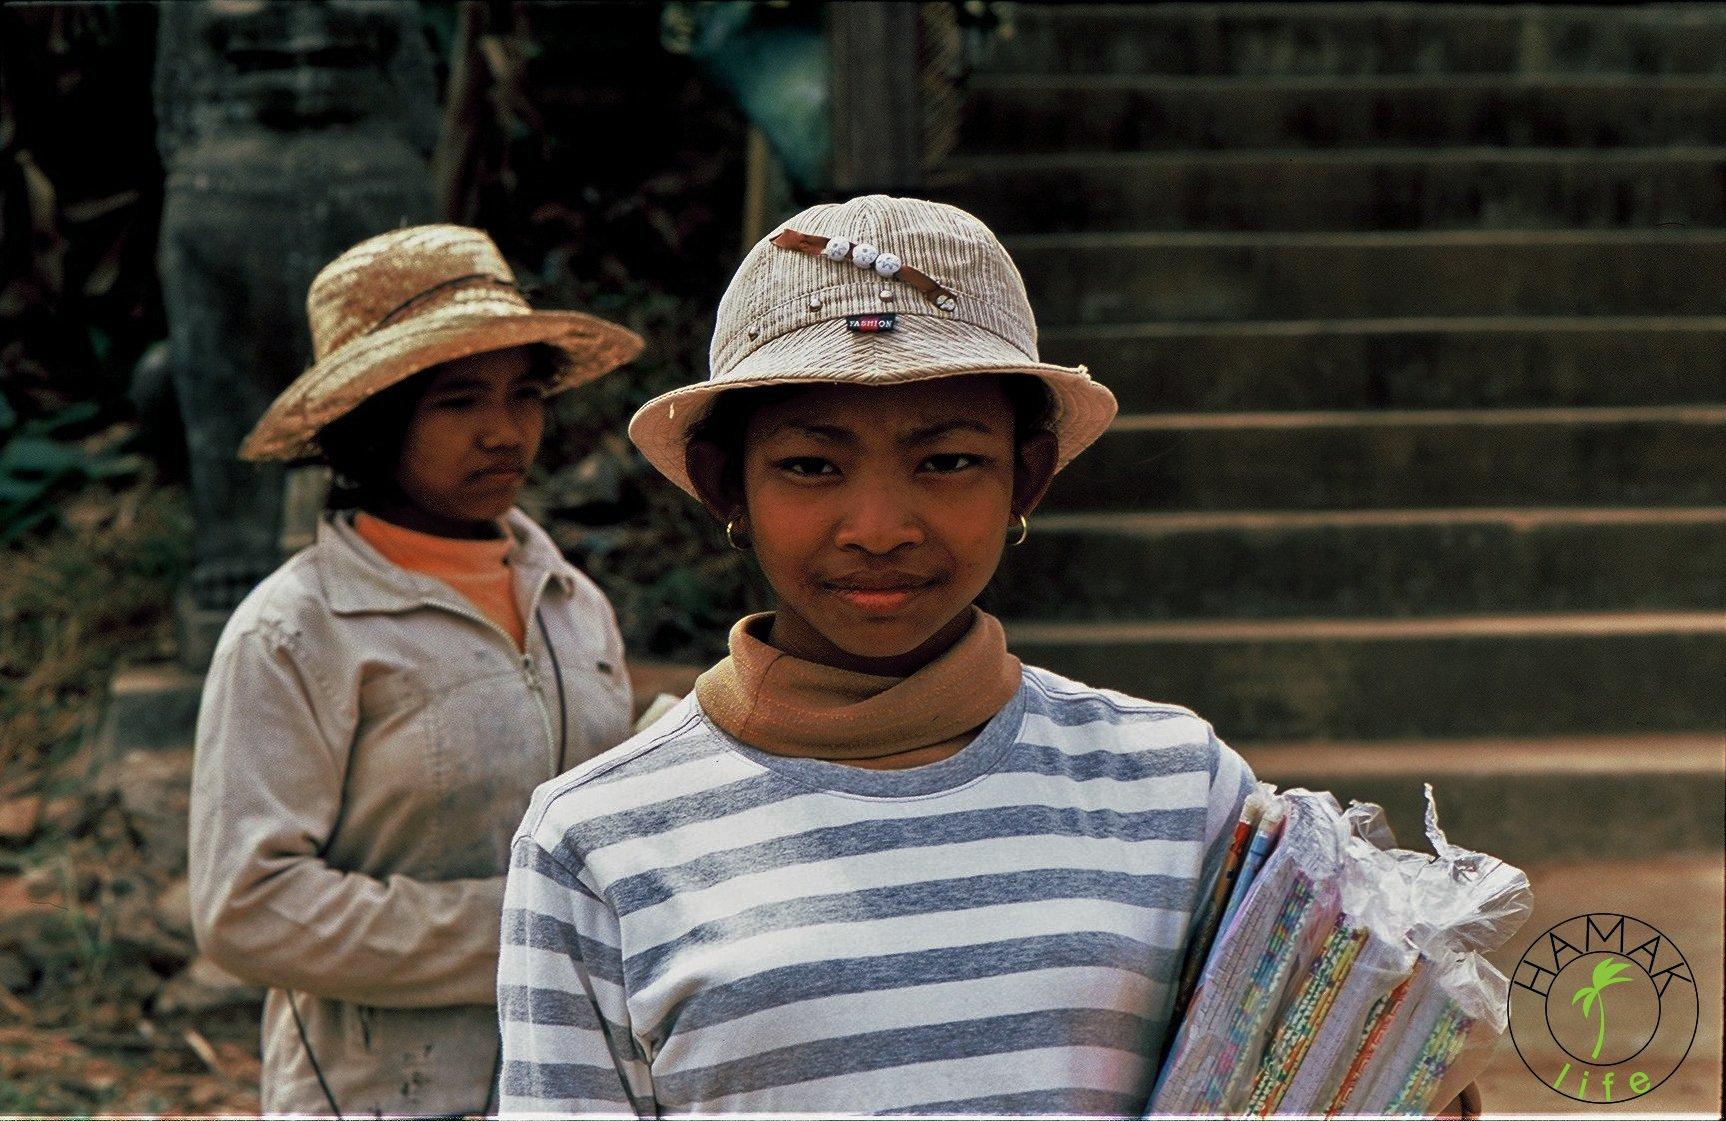 Dziewczynki w Kambodży sprzedają turystom zeszyty, zarabiając w ten sposób na podręczniki szkolne.